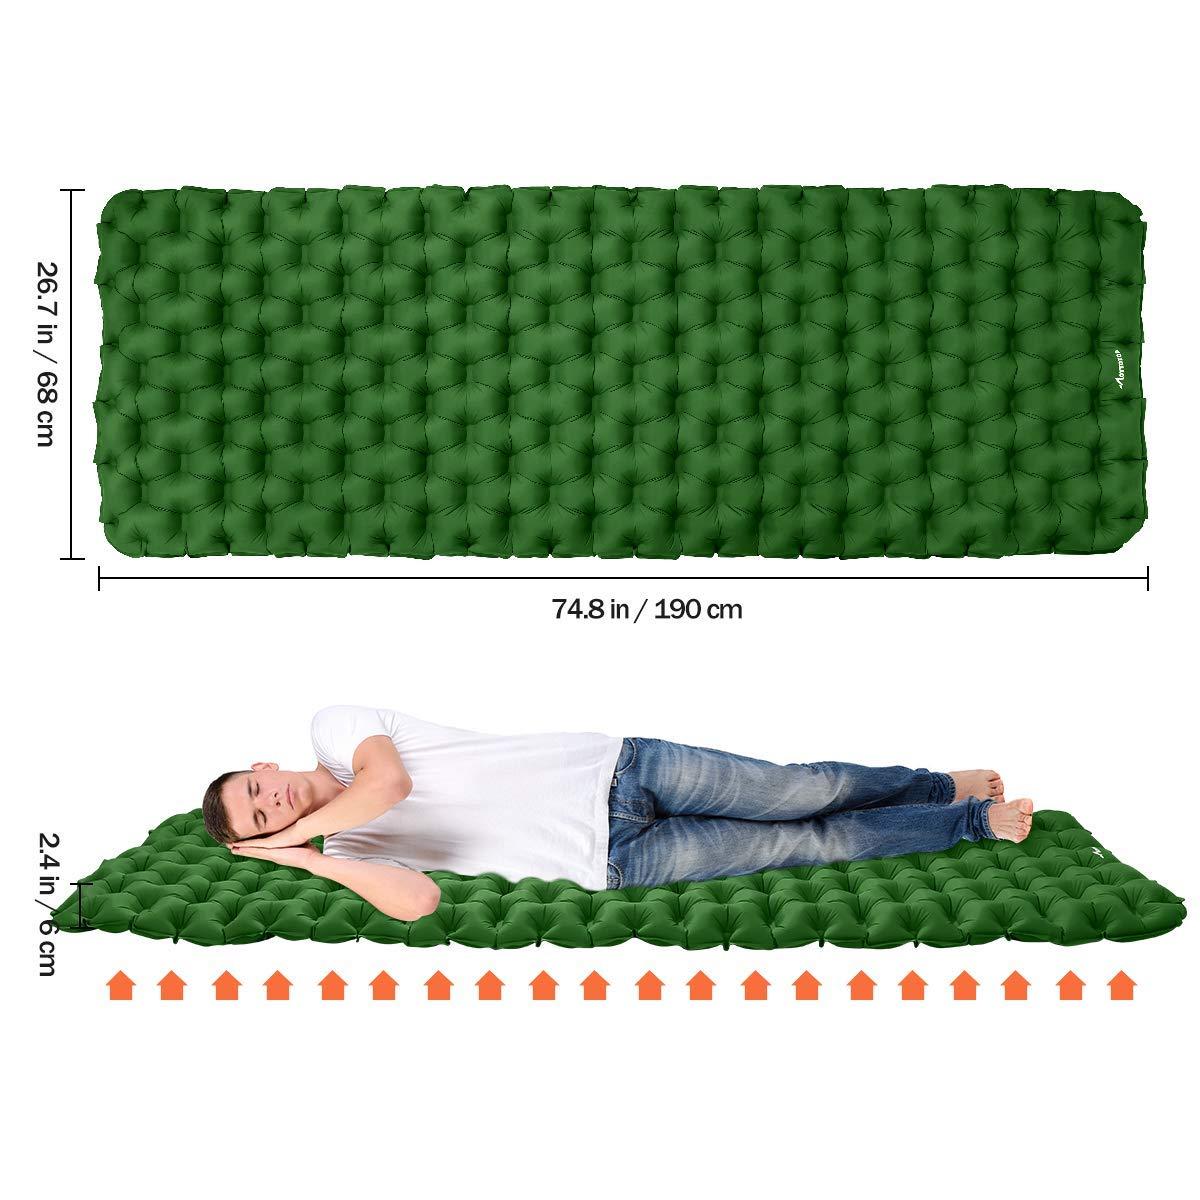 MOVTOTOP Colchoneta Inflable para Acampar con Almohadilla para Dormir con Kit de reparaci/ón Colch/ón de Campamento liviano y Compacto para mochileros Verde Viajes y Caminatas